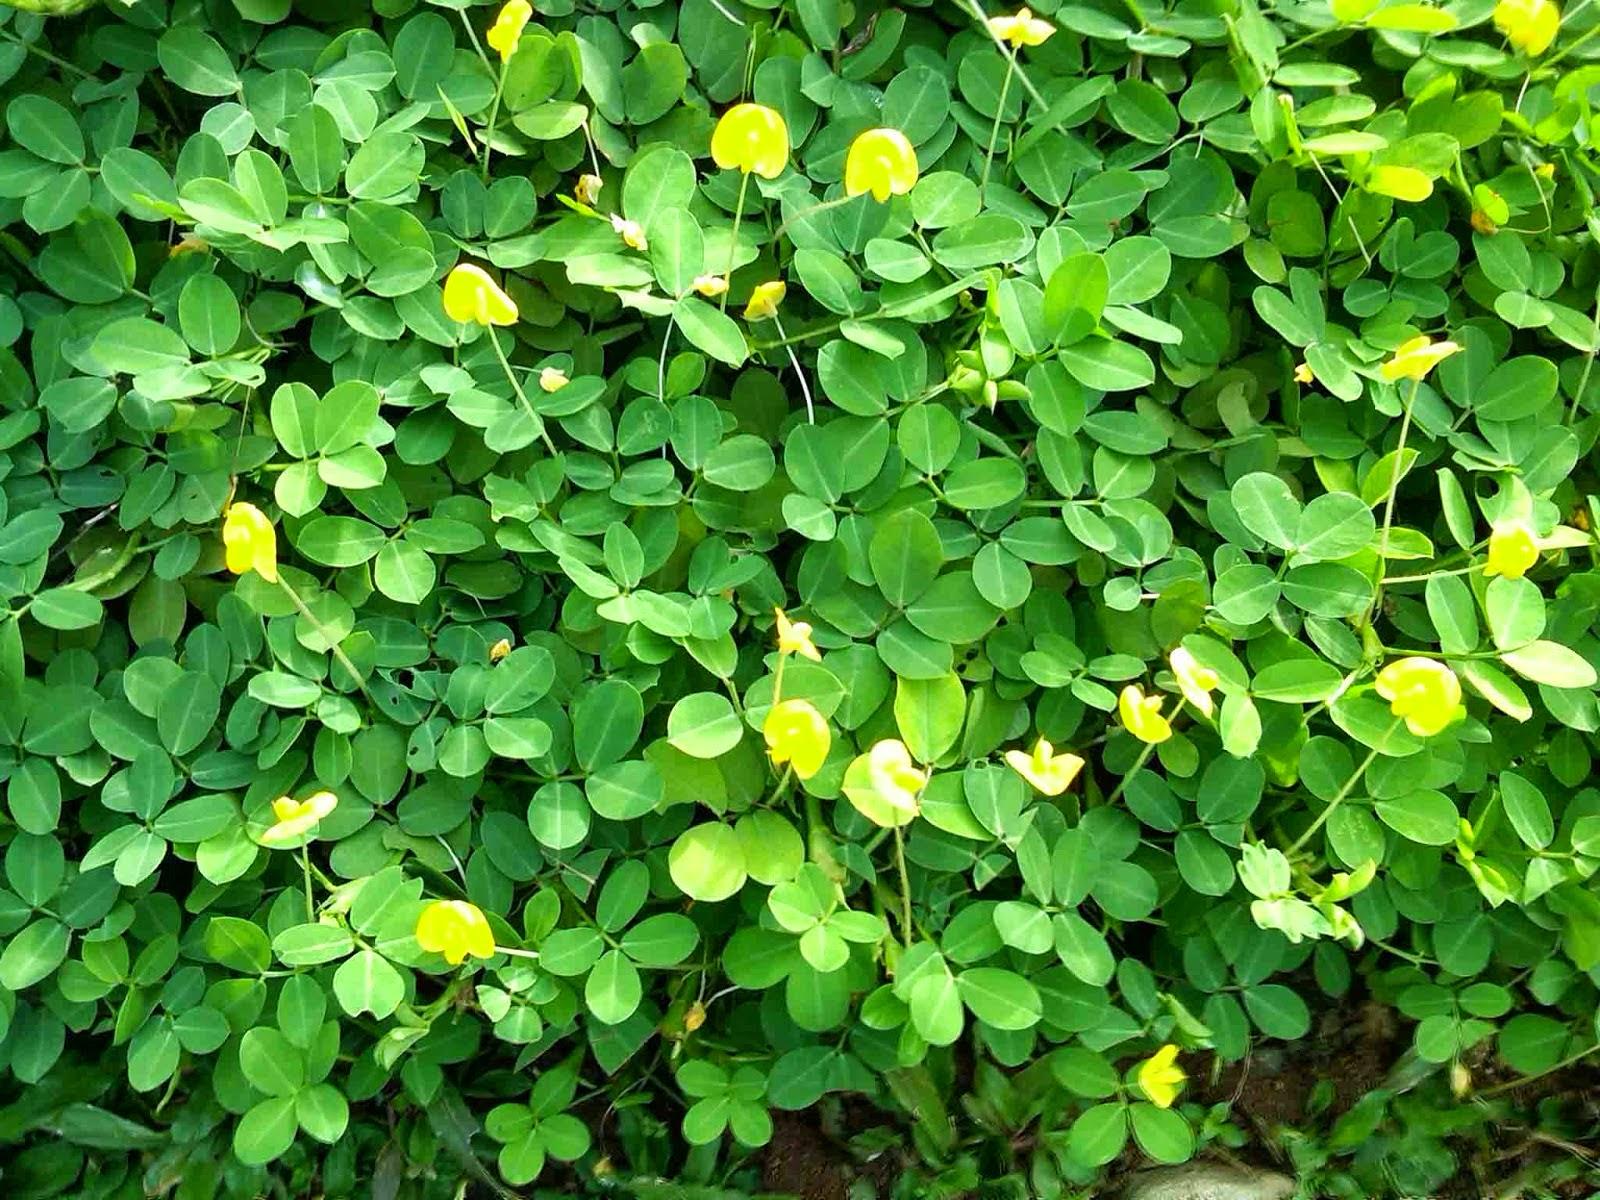 Jual pohon landep/kacang-kacangan | suplier tanaman | jasa tukang taman